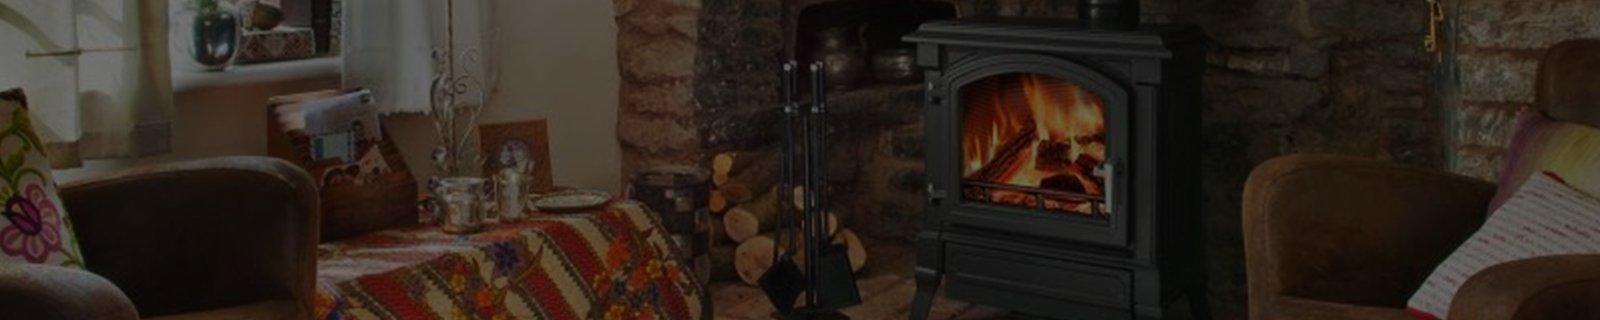 Купить печь камин для дома и дачи на дровах - Интернет магазин Kaminoff™